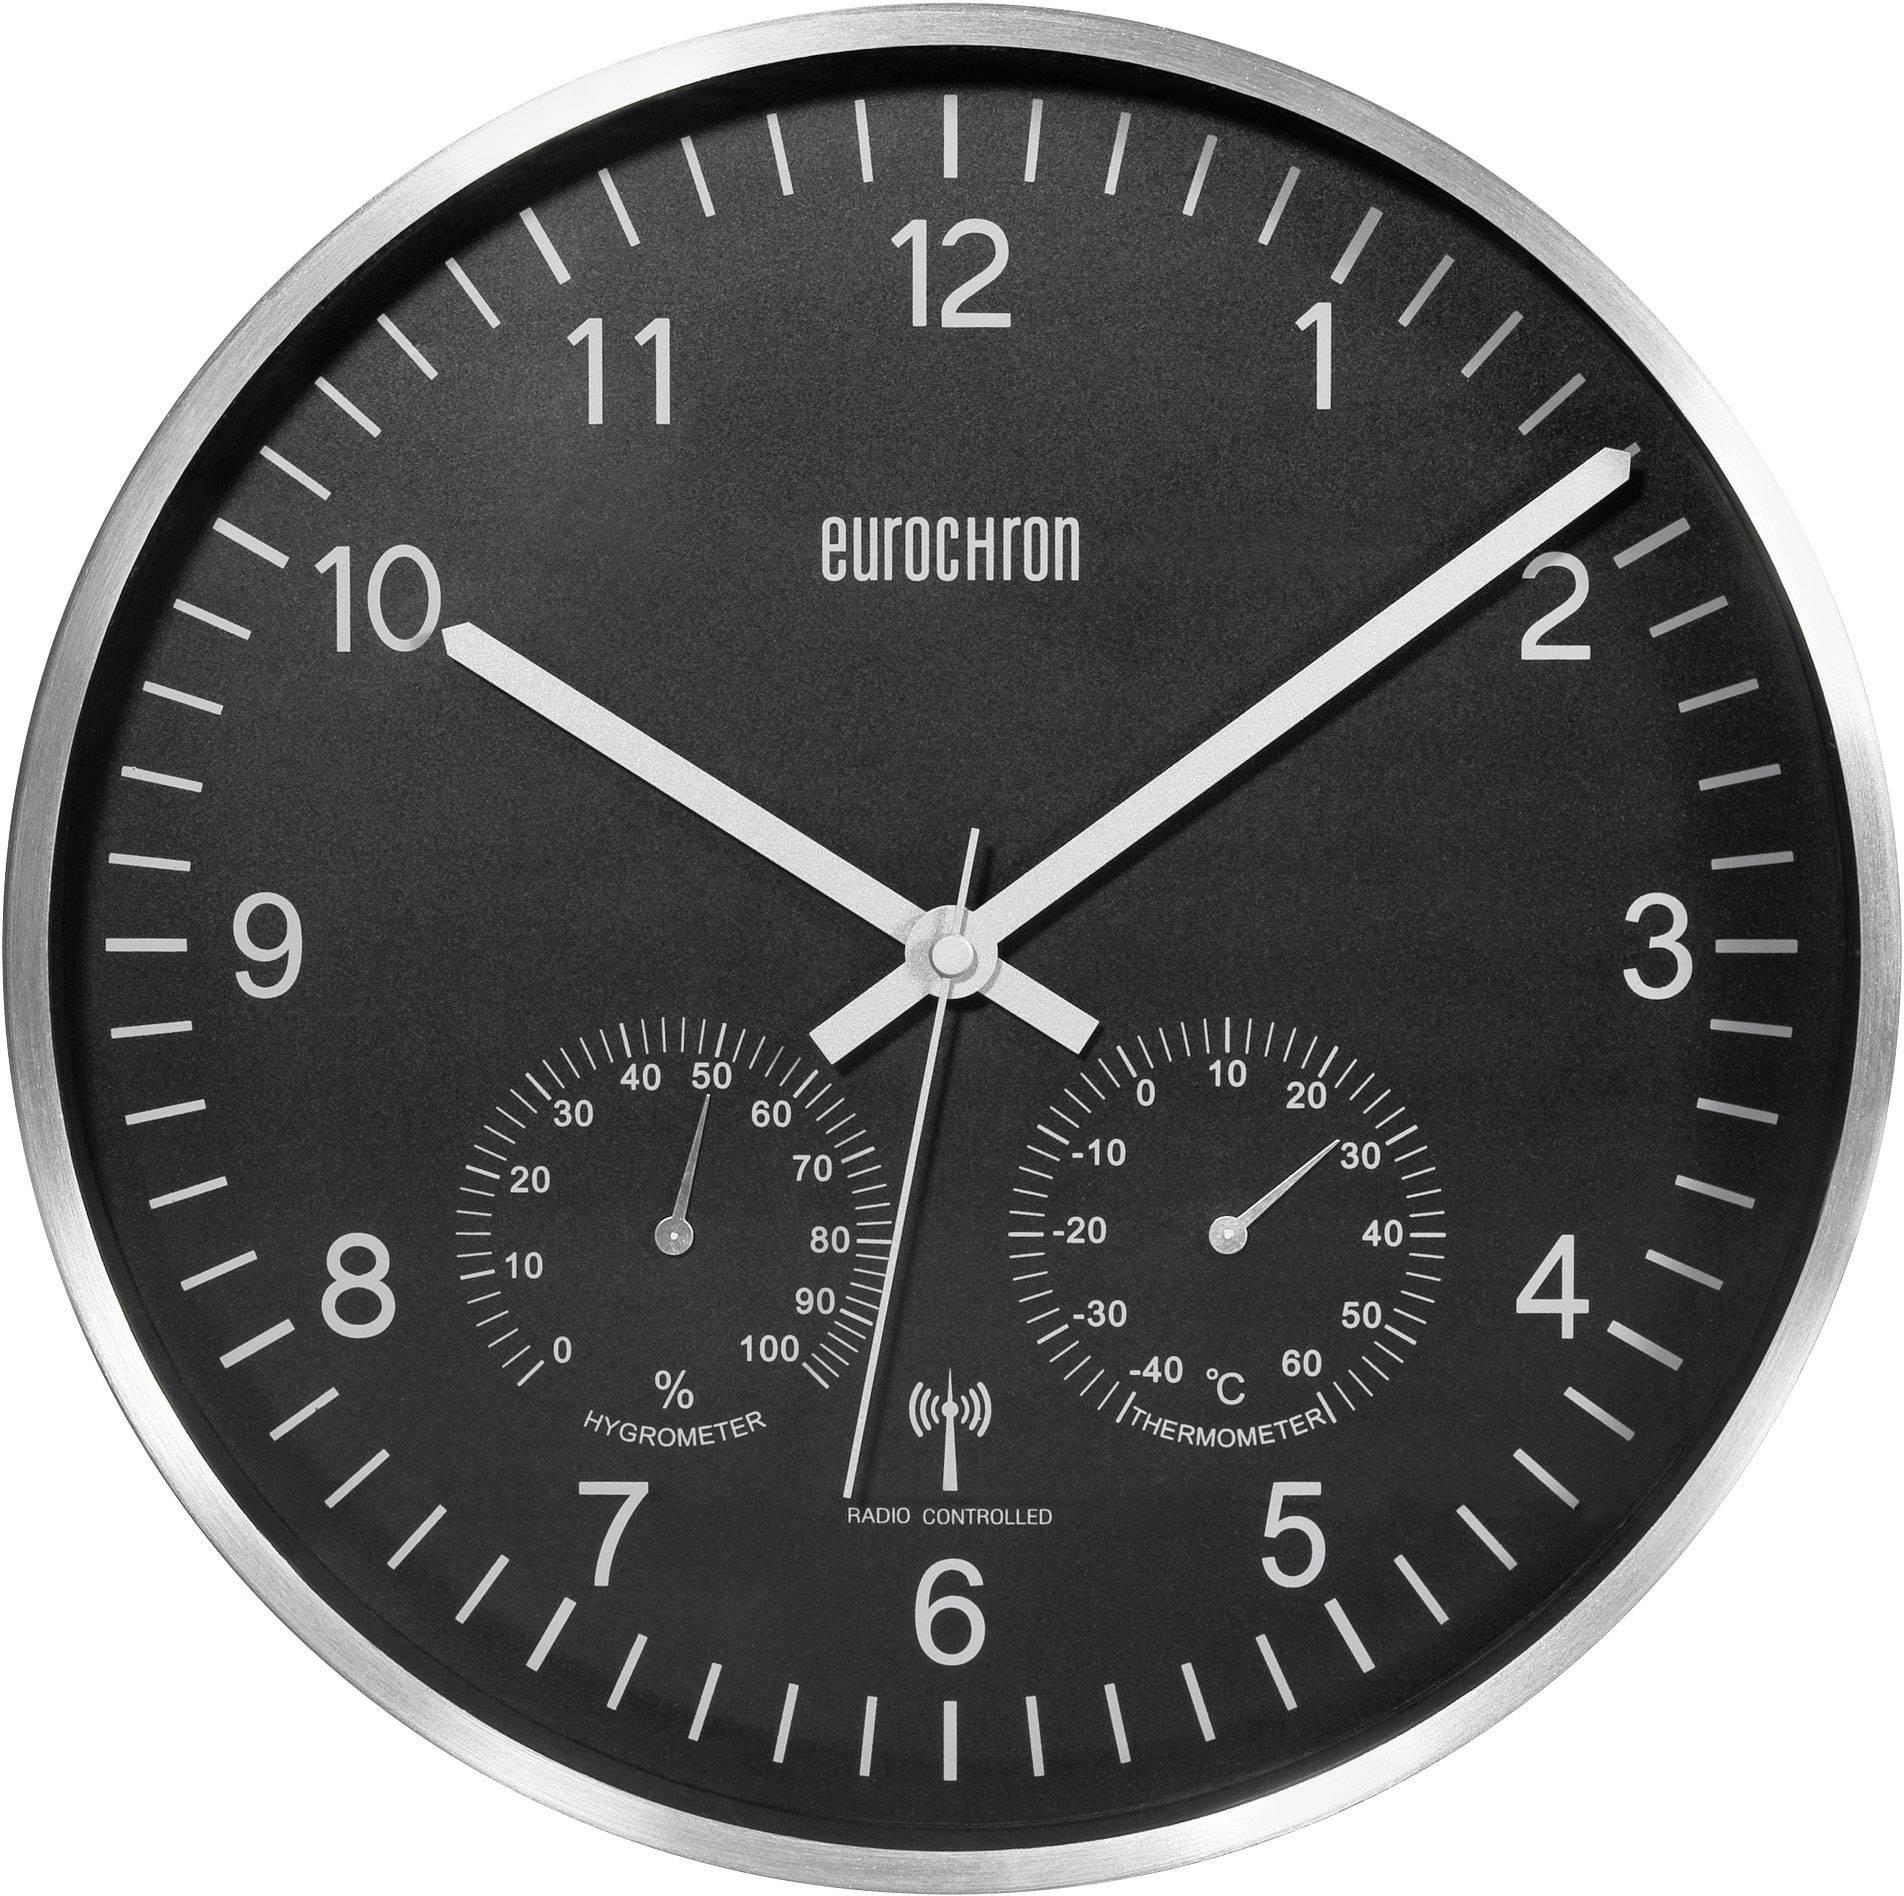 Analogové DCF hodiny s teploměrem a vlhkoměrem Eurochron EFWU 6401, 30,5 cm, černá